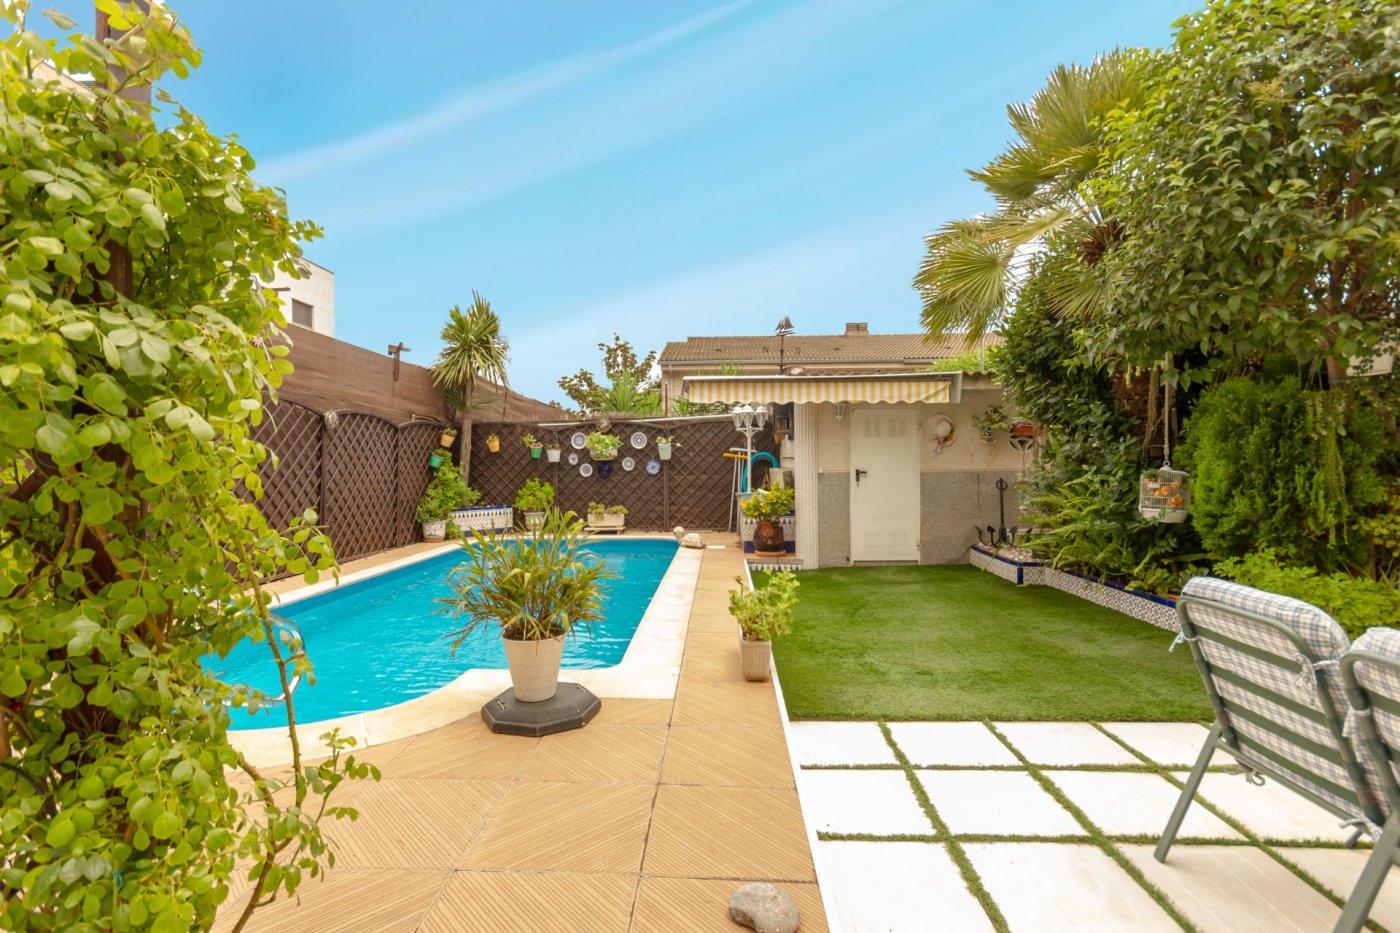 Casa pareada con 5 habitaciones, 3 baños, garaje, piscina y jardín en el casco urbano de a - imagenInmueble0